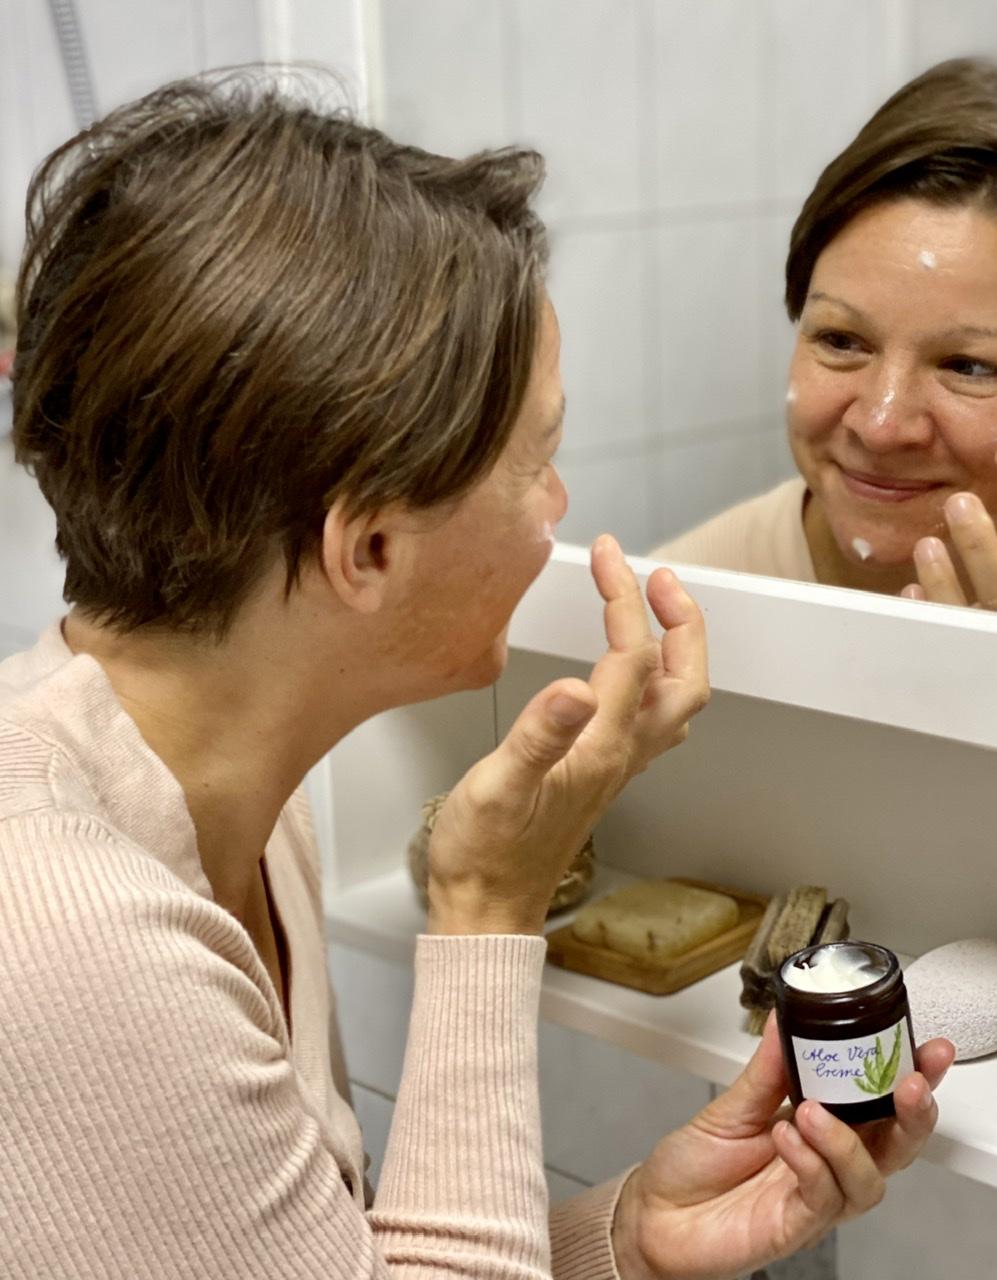 Ich trage mir Aloe Vera Creme für Mischhaut vor dem Spiegel auf.